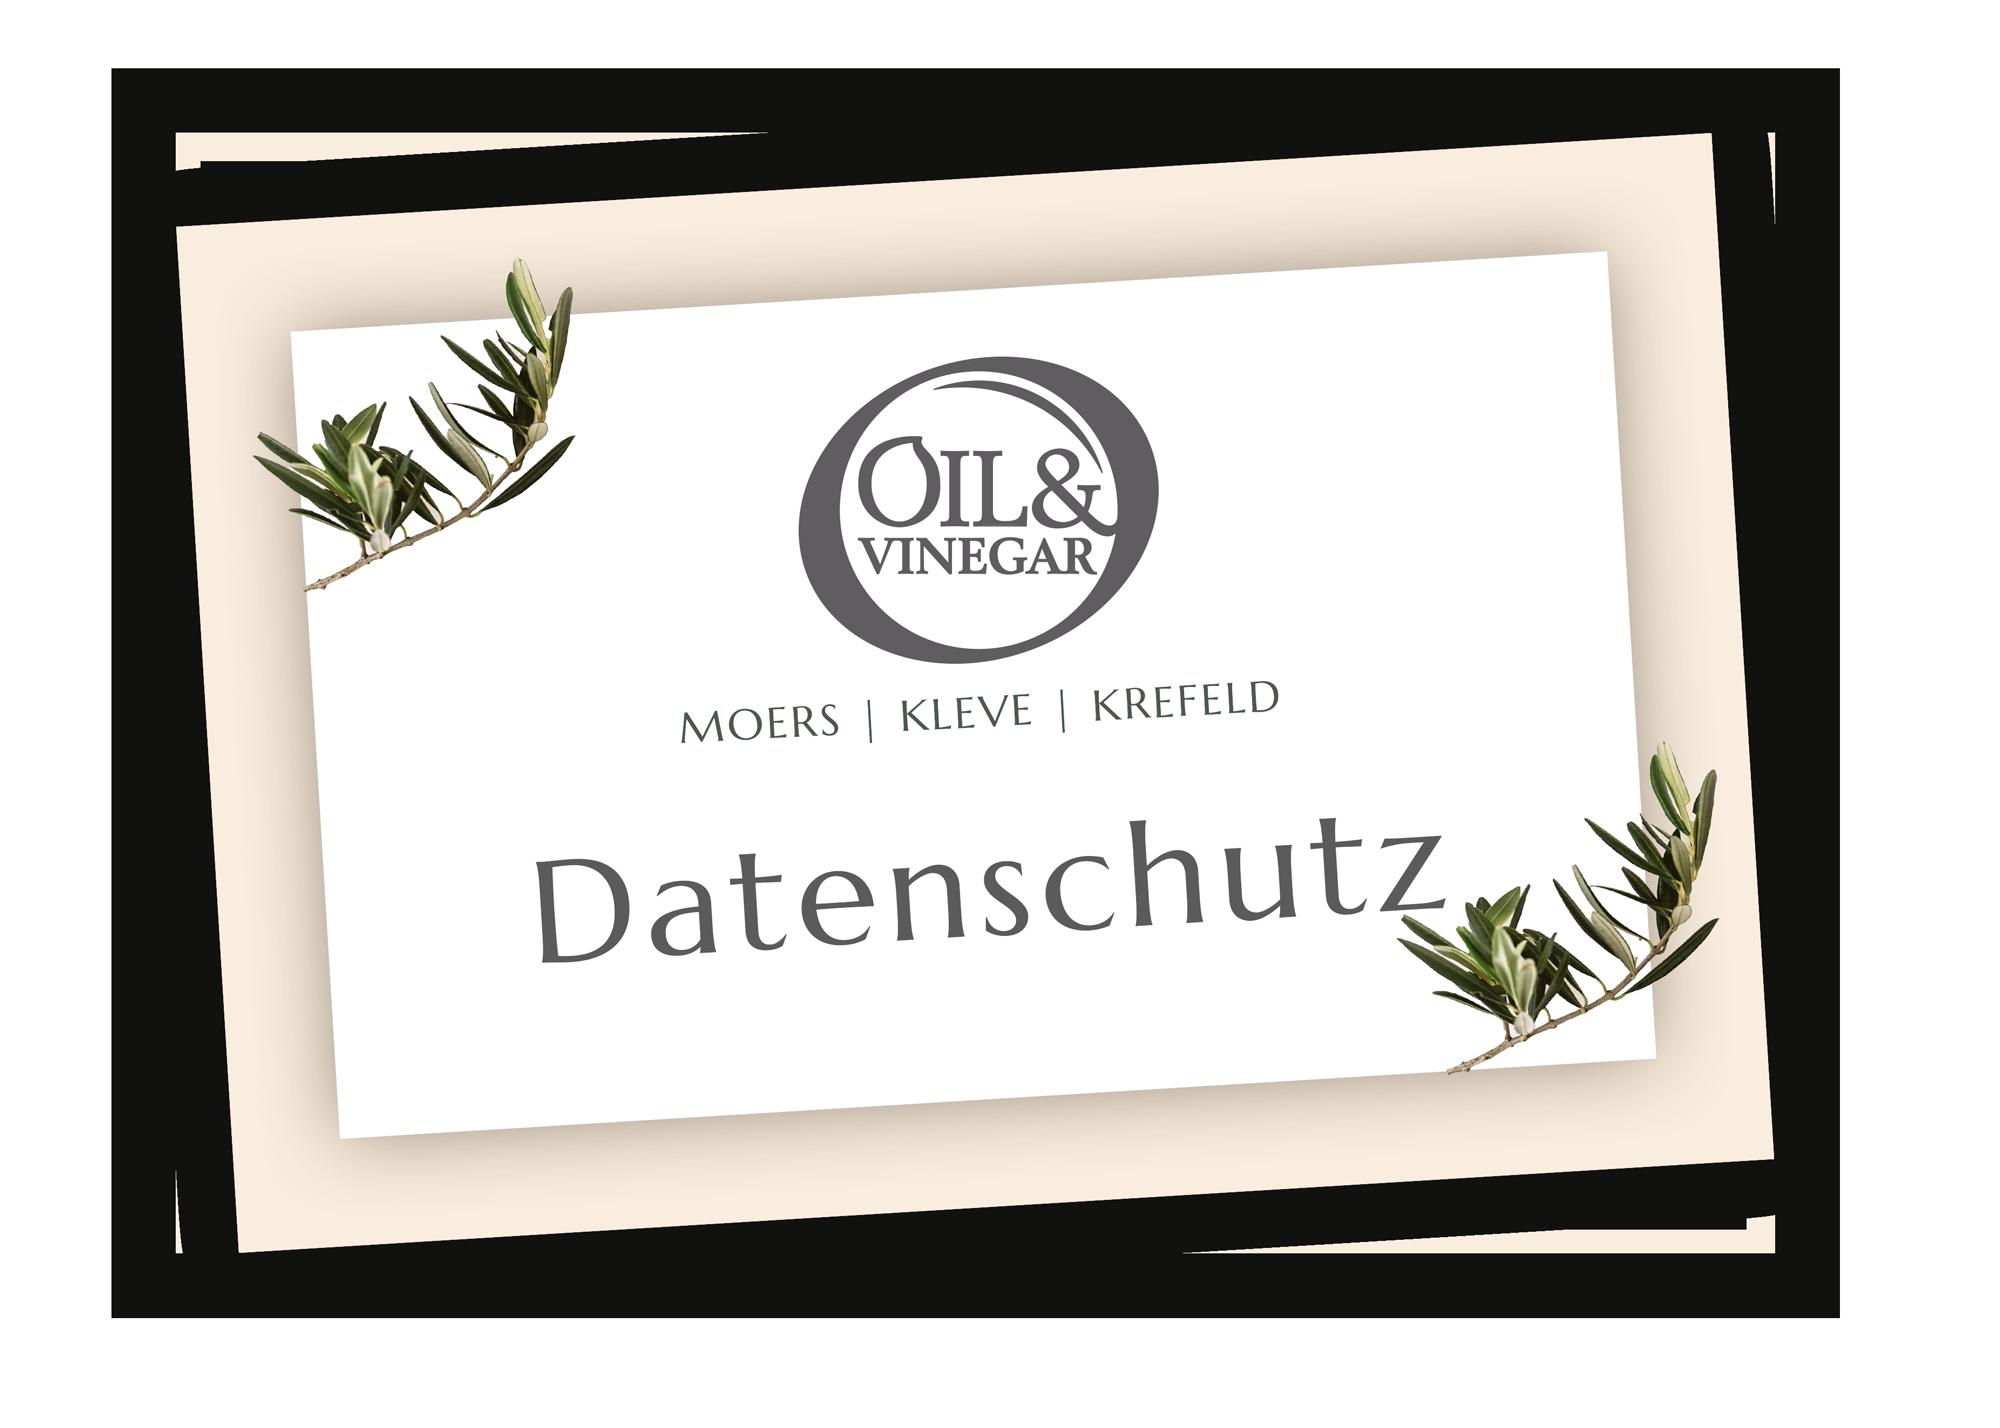 oil-and-vinegar-datenschutz